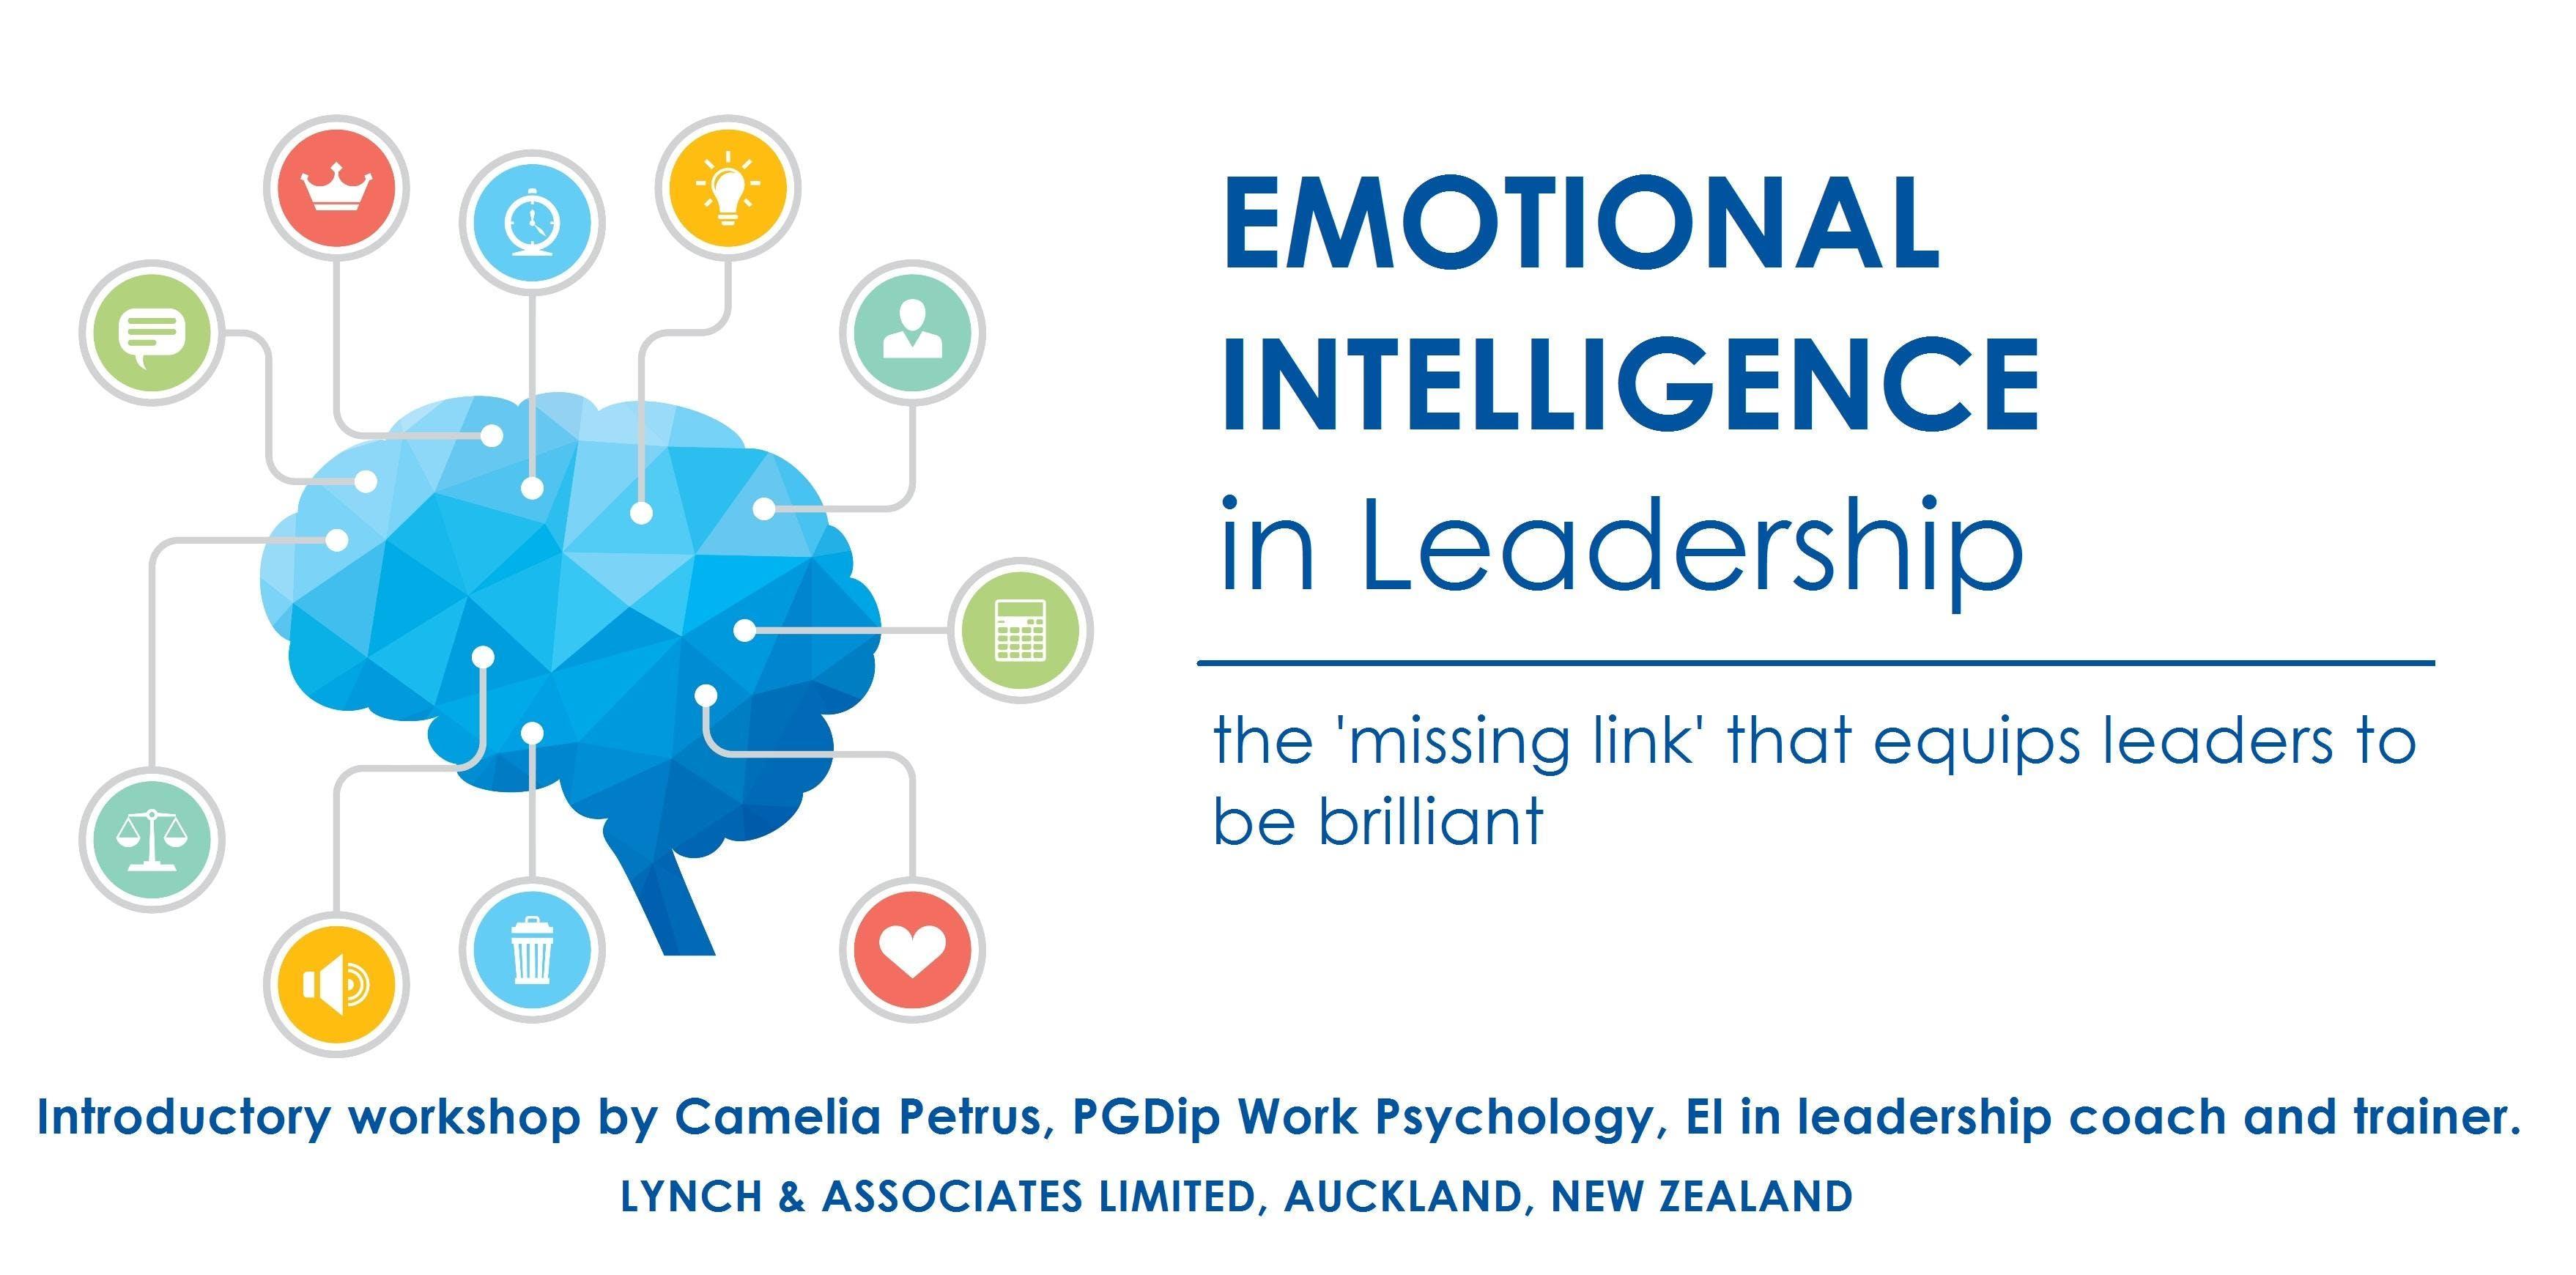 Emotional Intelligence in Leadership 2019